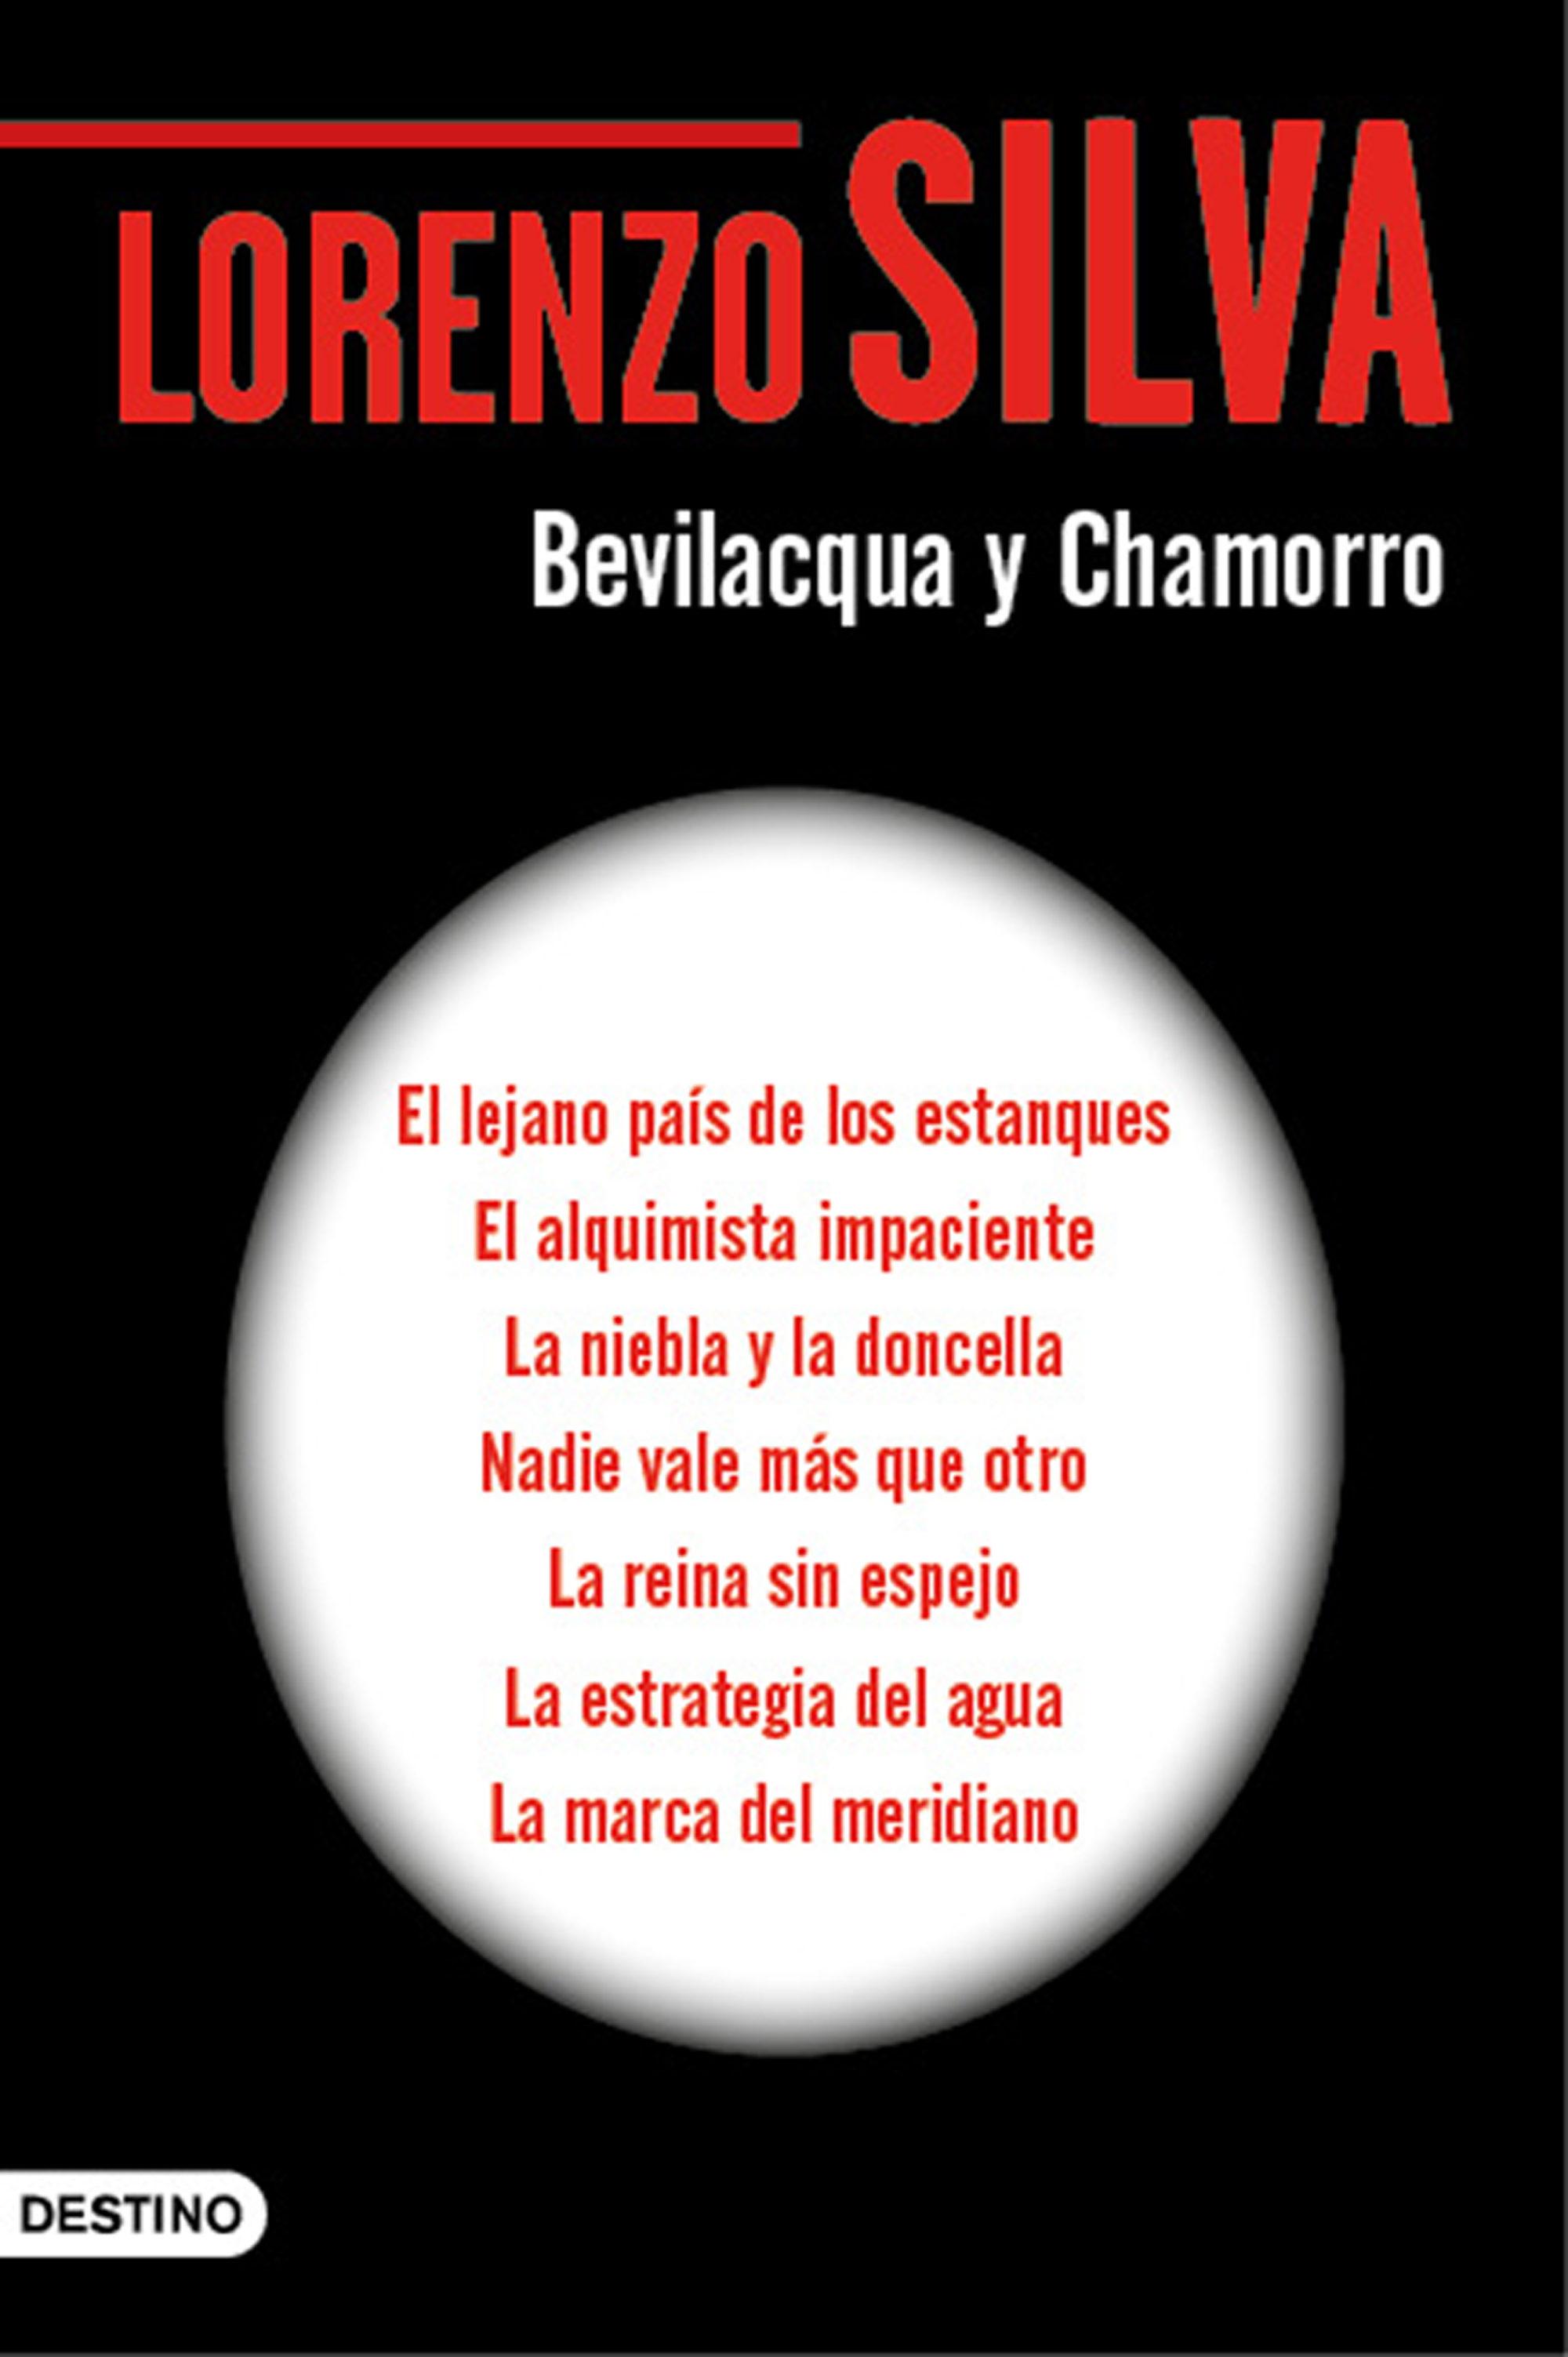 SERIE BEVILACQUA Y CHAMORRO (PACK) (EDICIÓN DE 2014) EBOOK | LORENZO ...